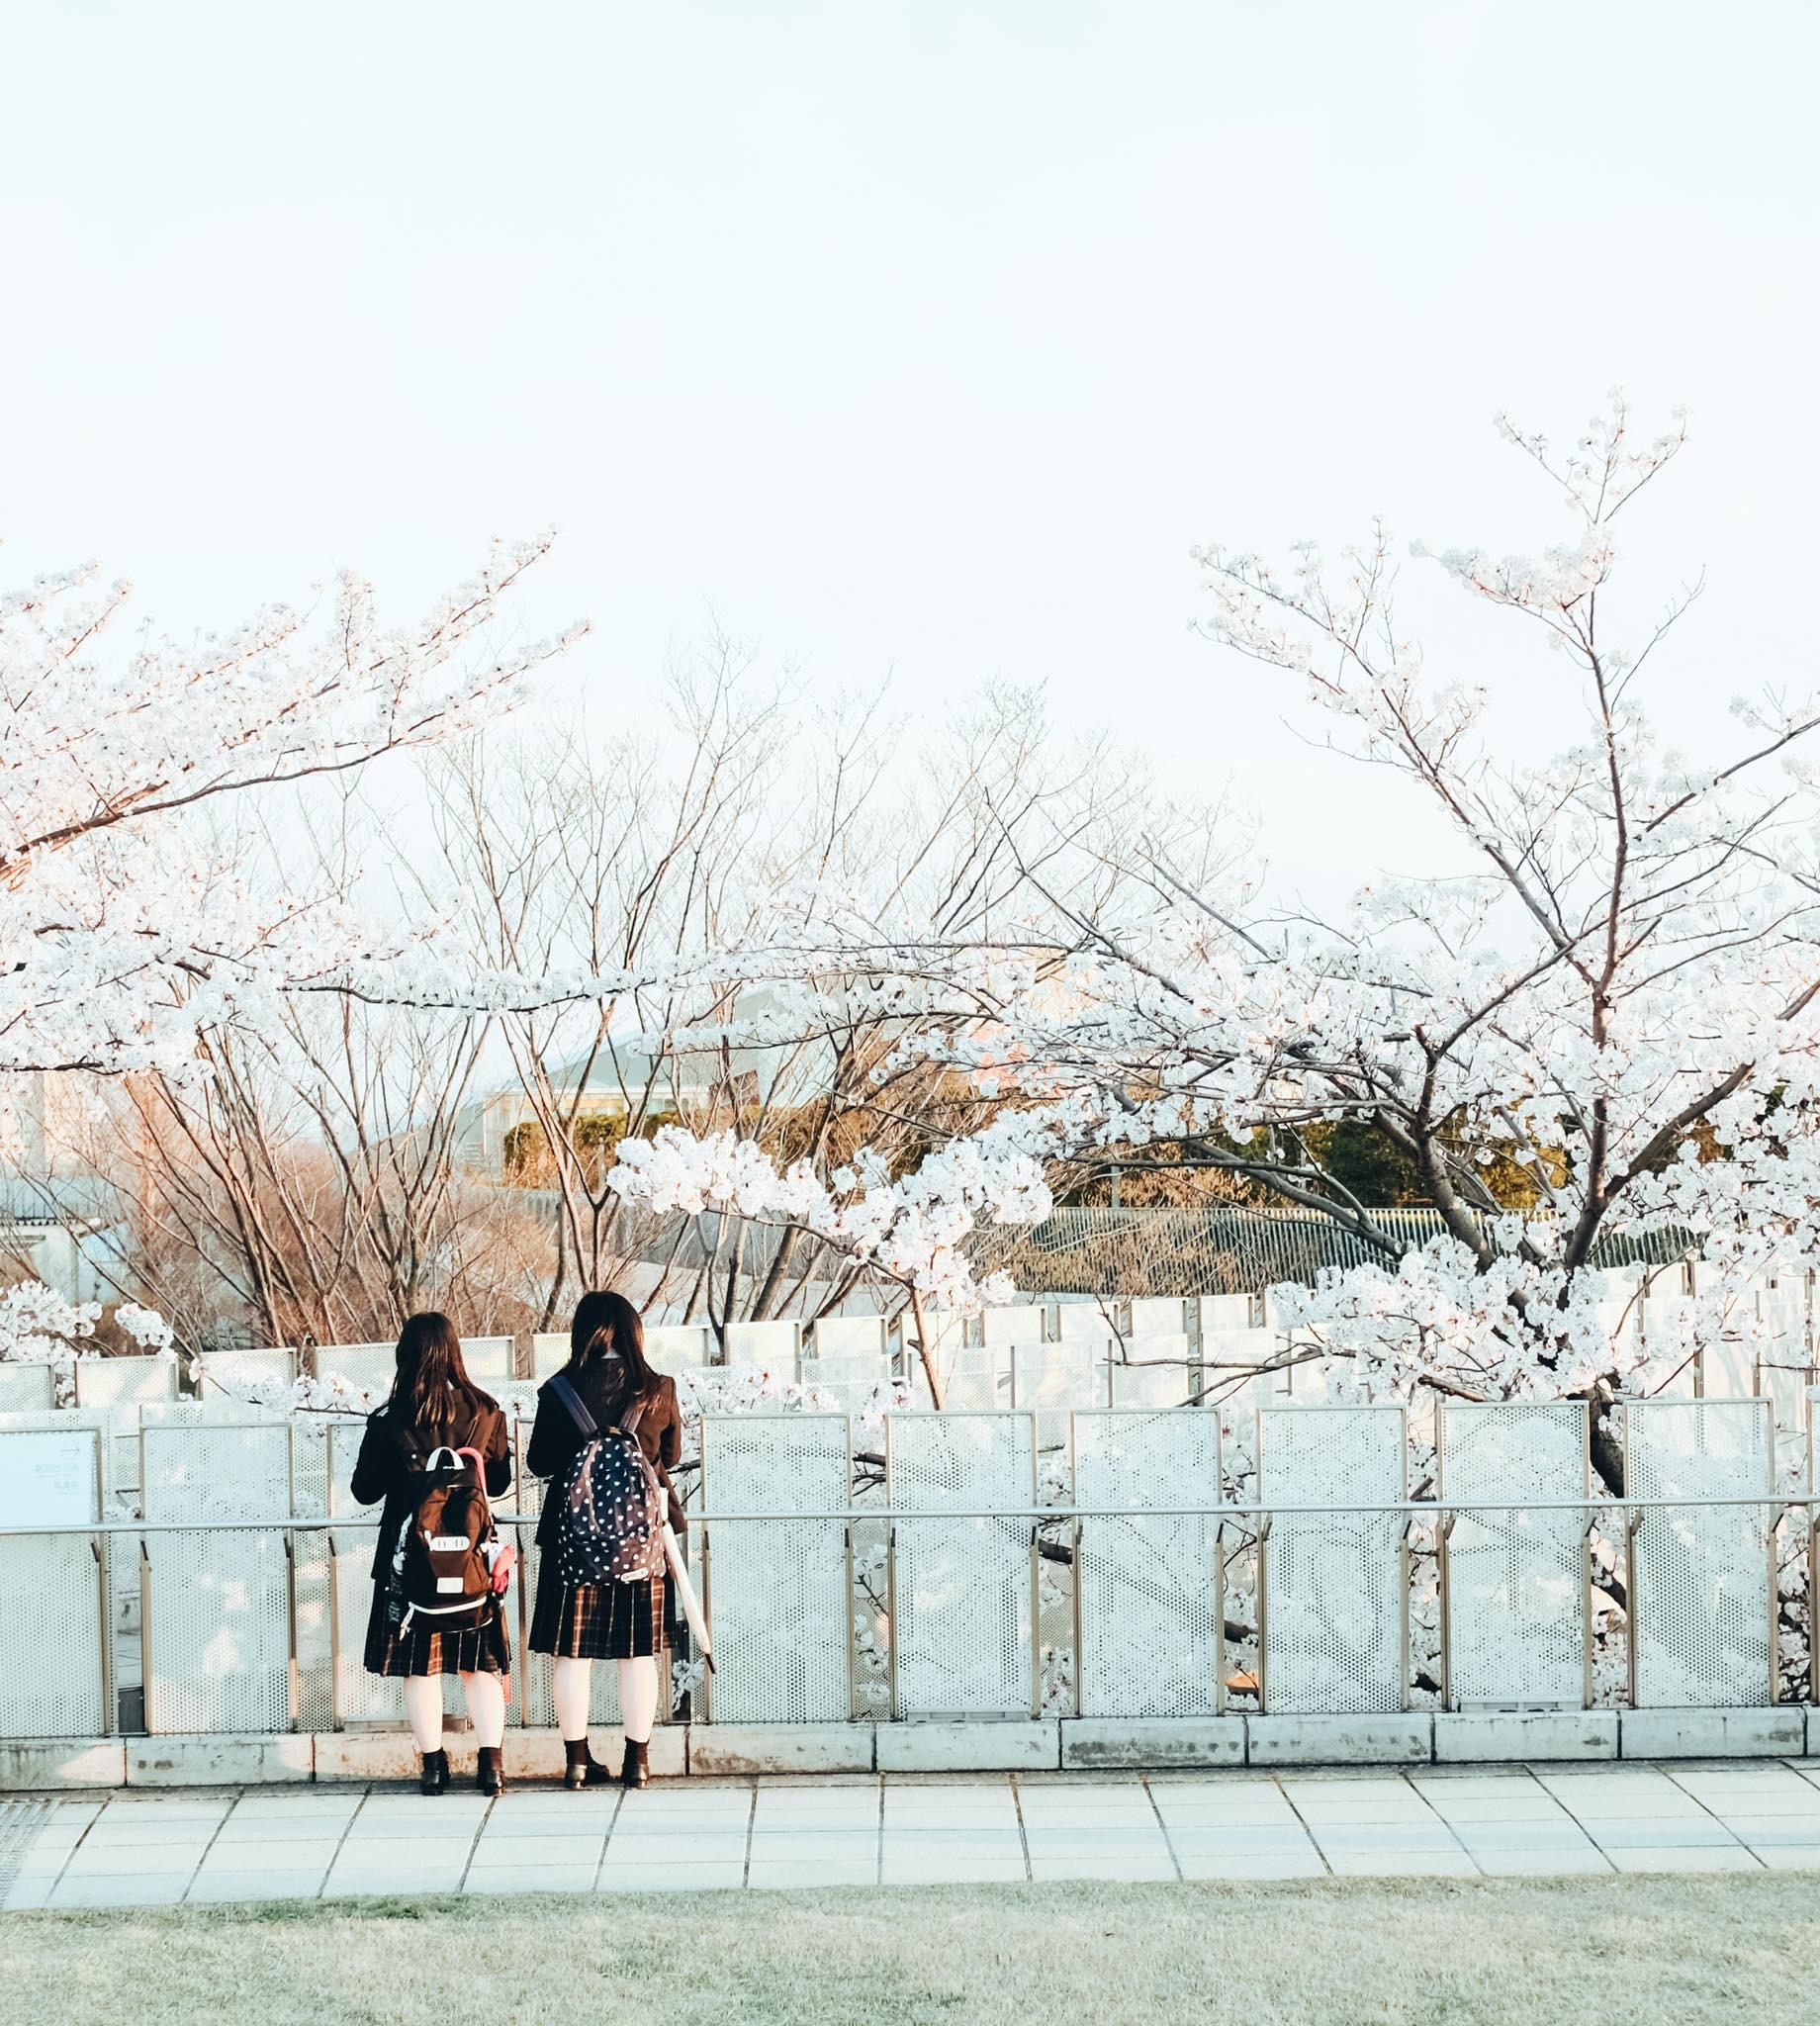 Chẳng ai rời mắt được những bức hình chụp Nhật Bản rất bình yên và trong trẻo của chàng trai Việt Nam này - Ảnh 8.